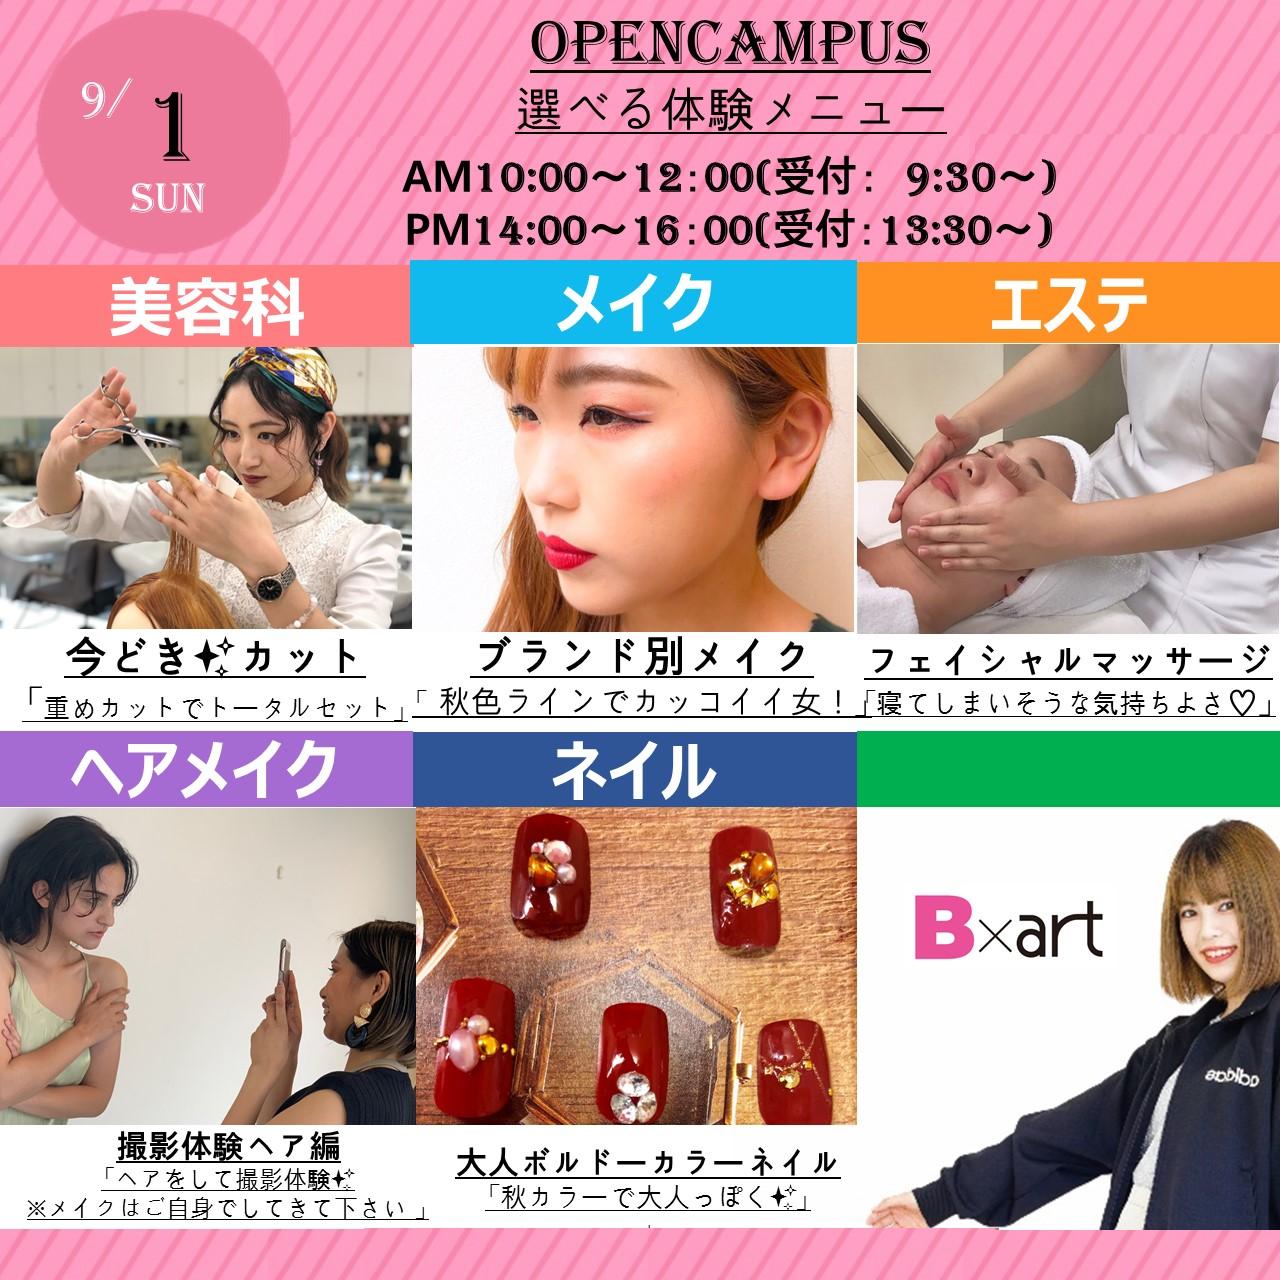 9月1日(イベカレ用PPT フォーマット - 横VER.jpg